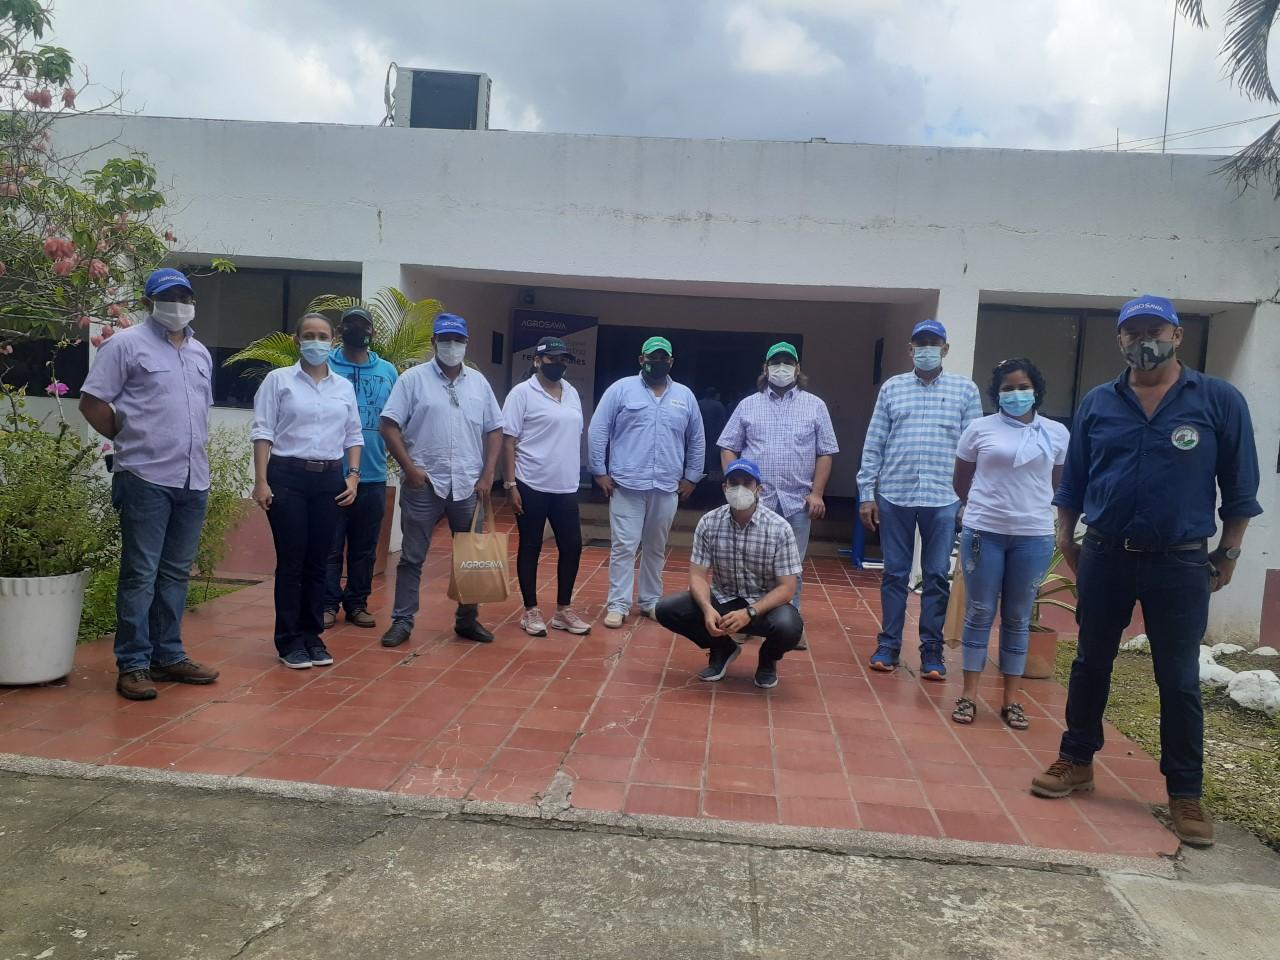 AGROSAVIA entregó 4 mil pajillas de la raza Criolla Romosinuano a Asociaciones de Córdoba, Sucre, Bolívar, Urabá y Bajo Cauca Antioqueño